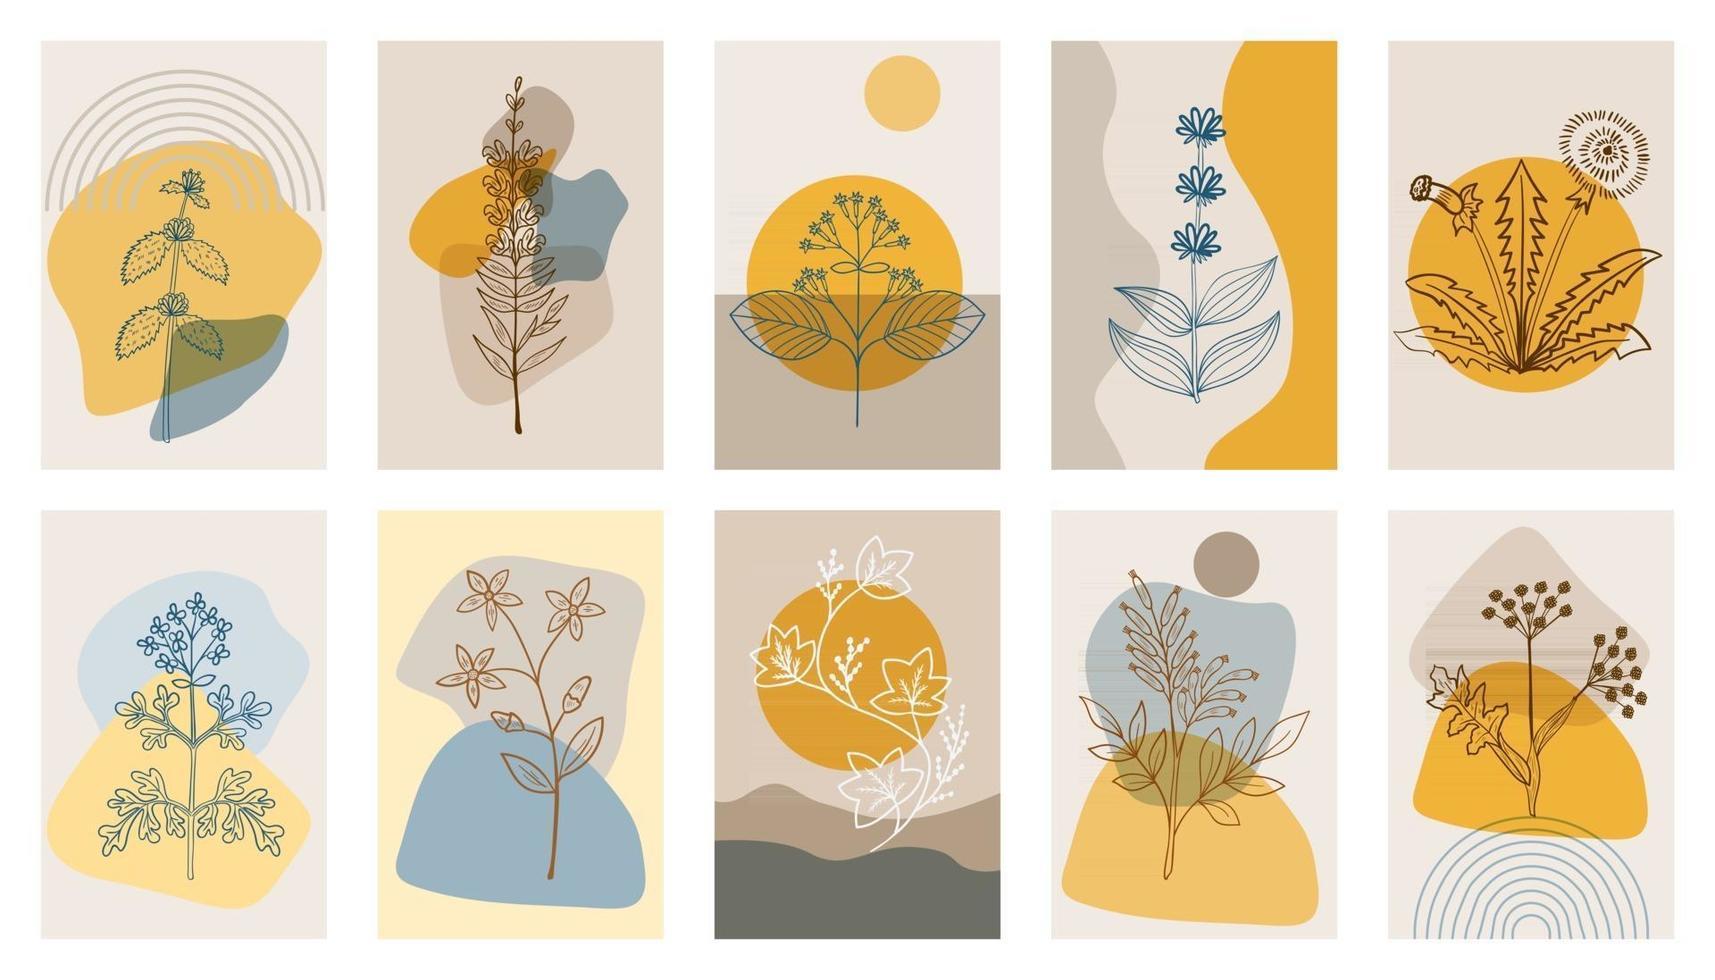 conjunto de carteles abstractos de hierbas amargas vector